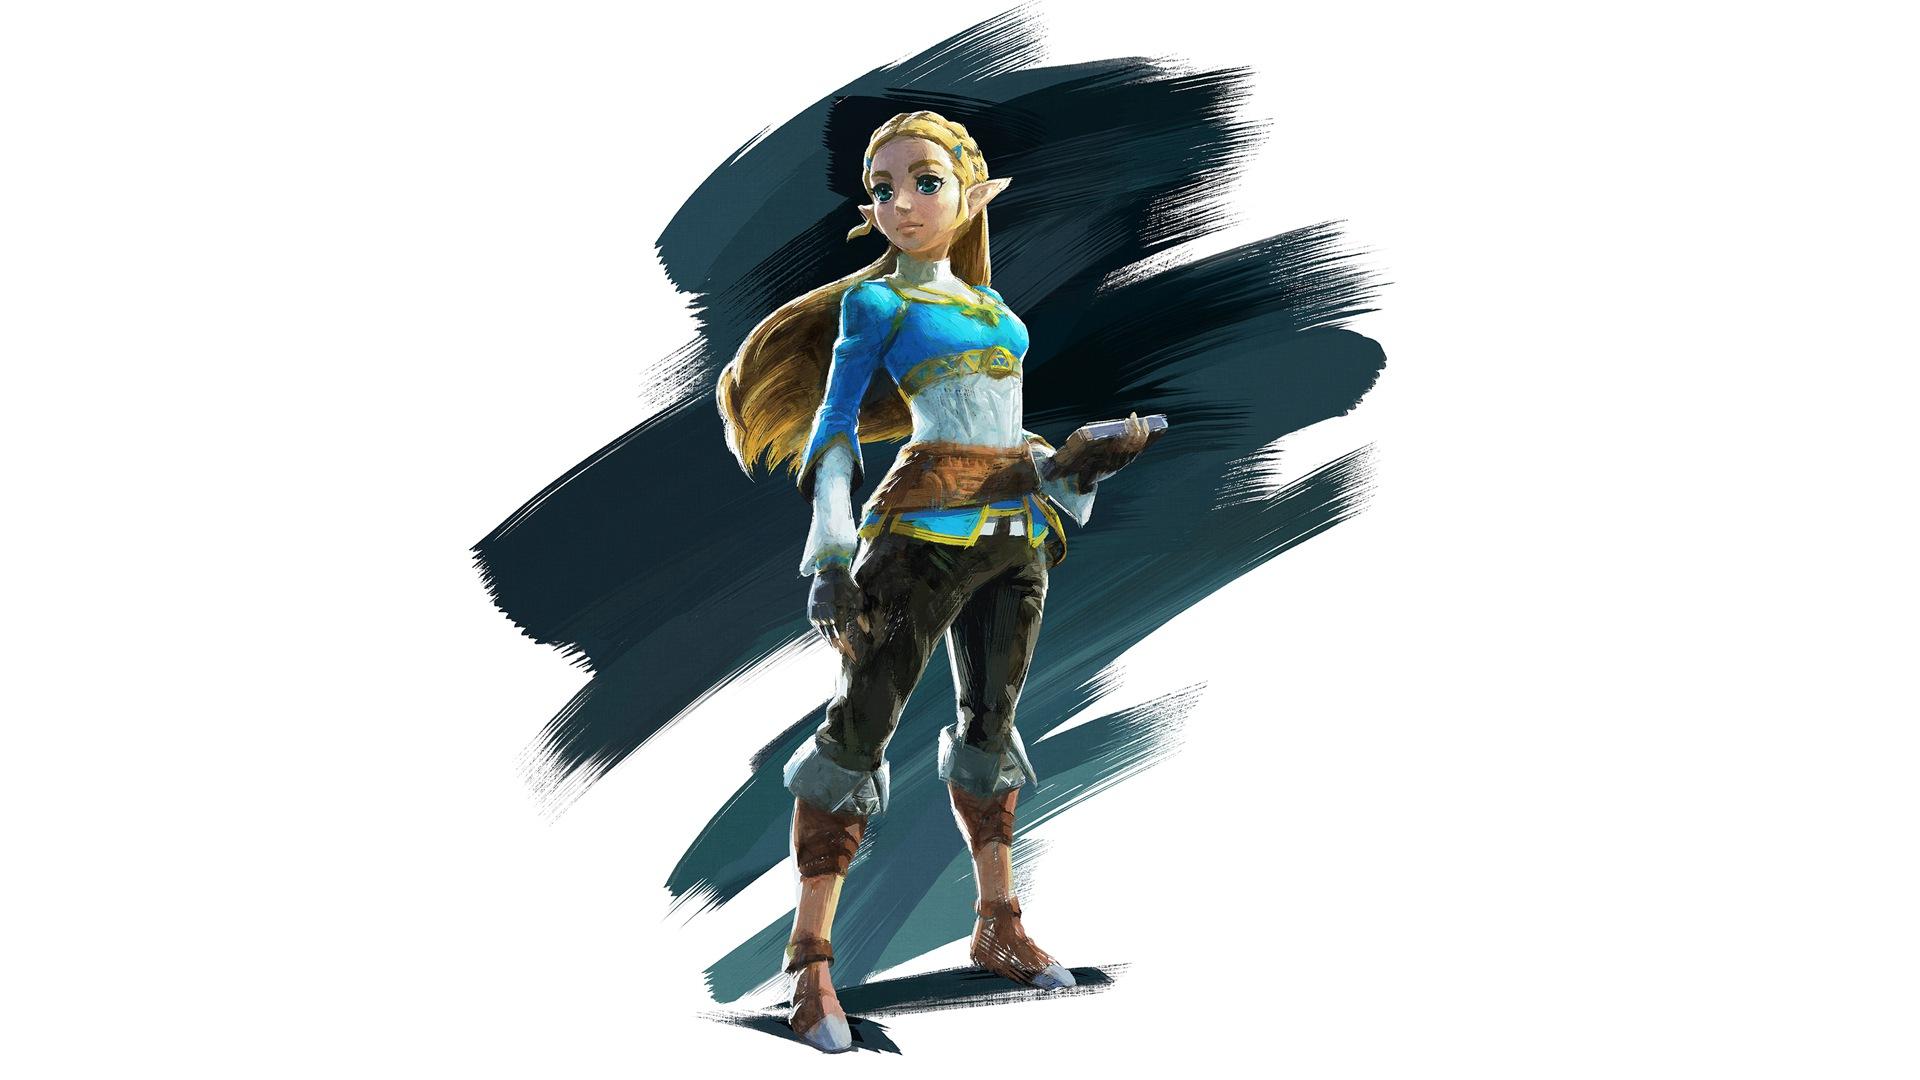 Legend Of Zelda Breath Of The Wild Wallpaper 1920x1080: Download 1920x1080 Wallpaper The Legend Of Zelda: Breath